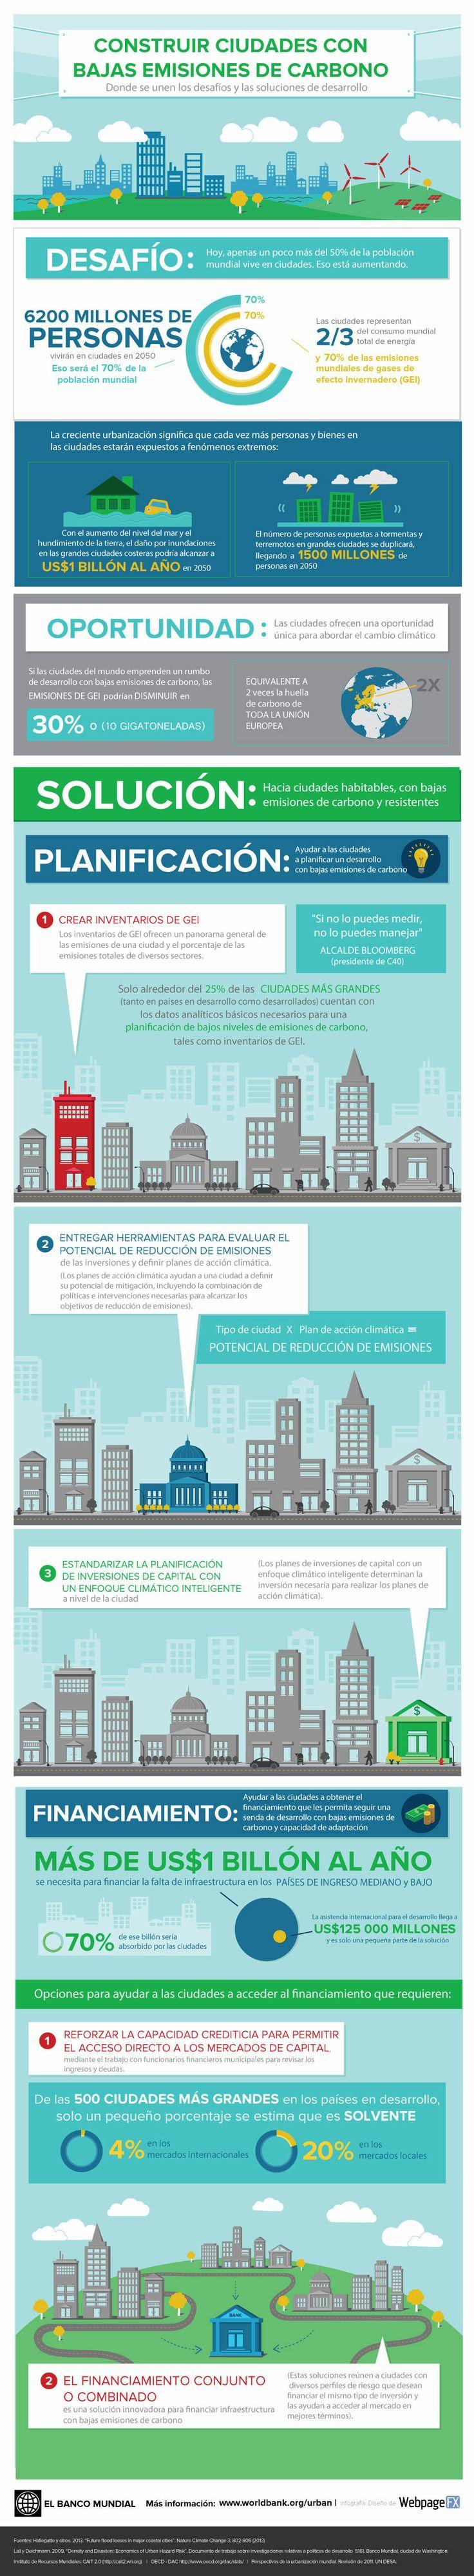 #Infografia: Construir ciudades con bajas emisiones de carbono #lowcarboncities